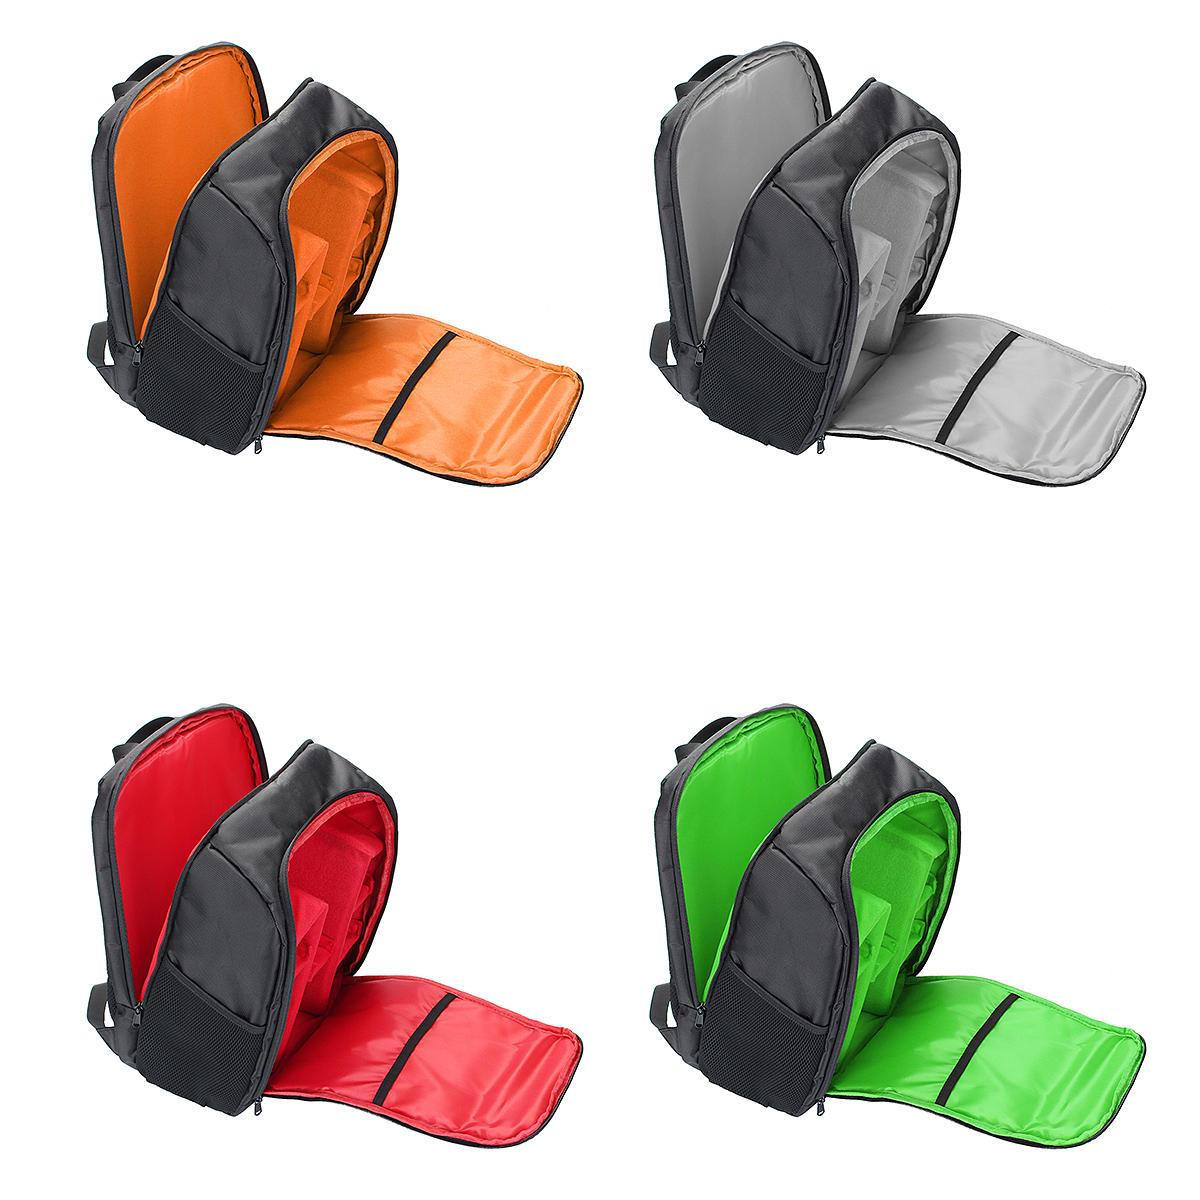 Waterproof Backpack Shoulder Bag Laptop Case For DSLR Camera Lens Accessories